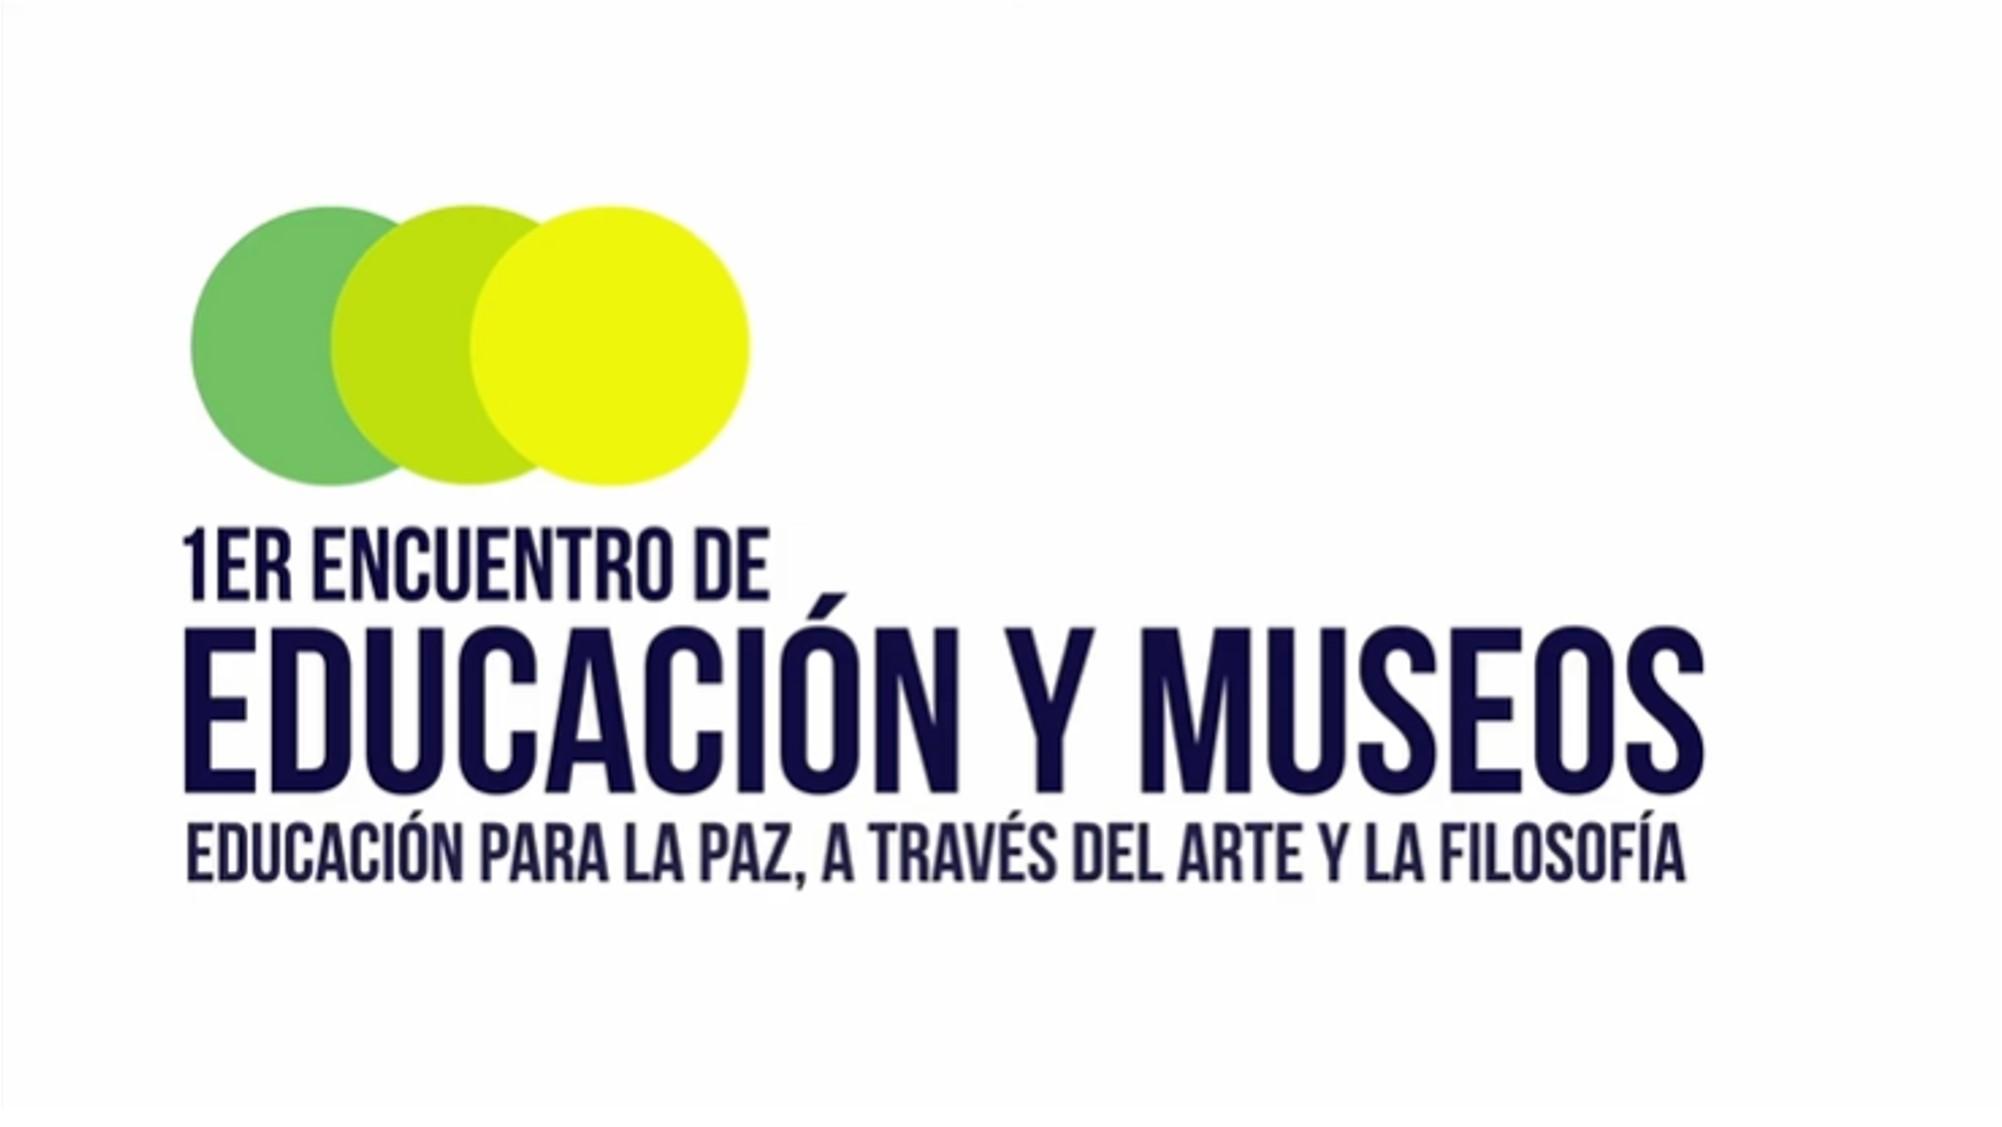 1er. Encuentro de Educación y Museos. Mesa redonda: educación artística como motor de cambio social